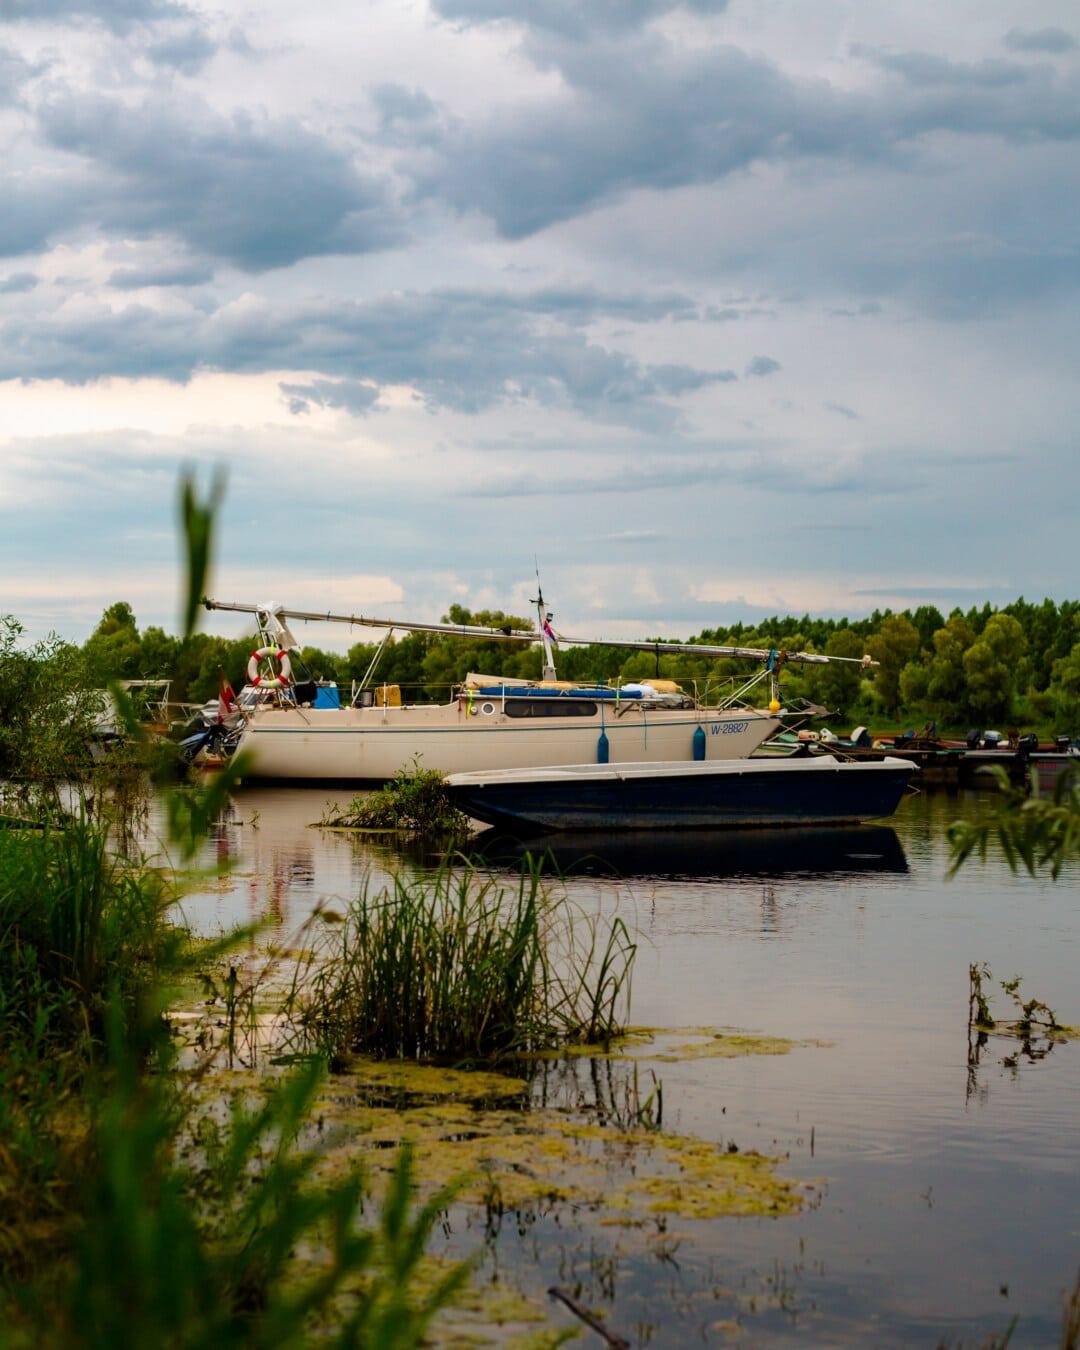 sailboat, dock, lakeside, boat, boats, water, marina, lake, river, beach